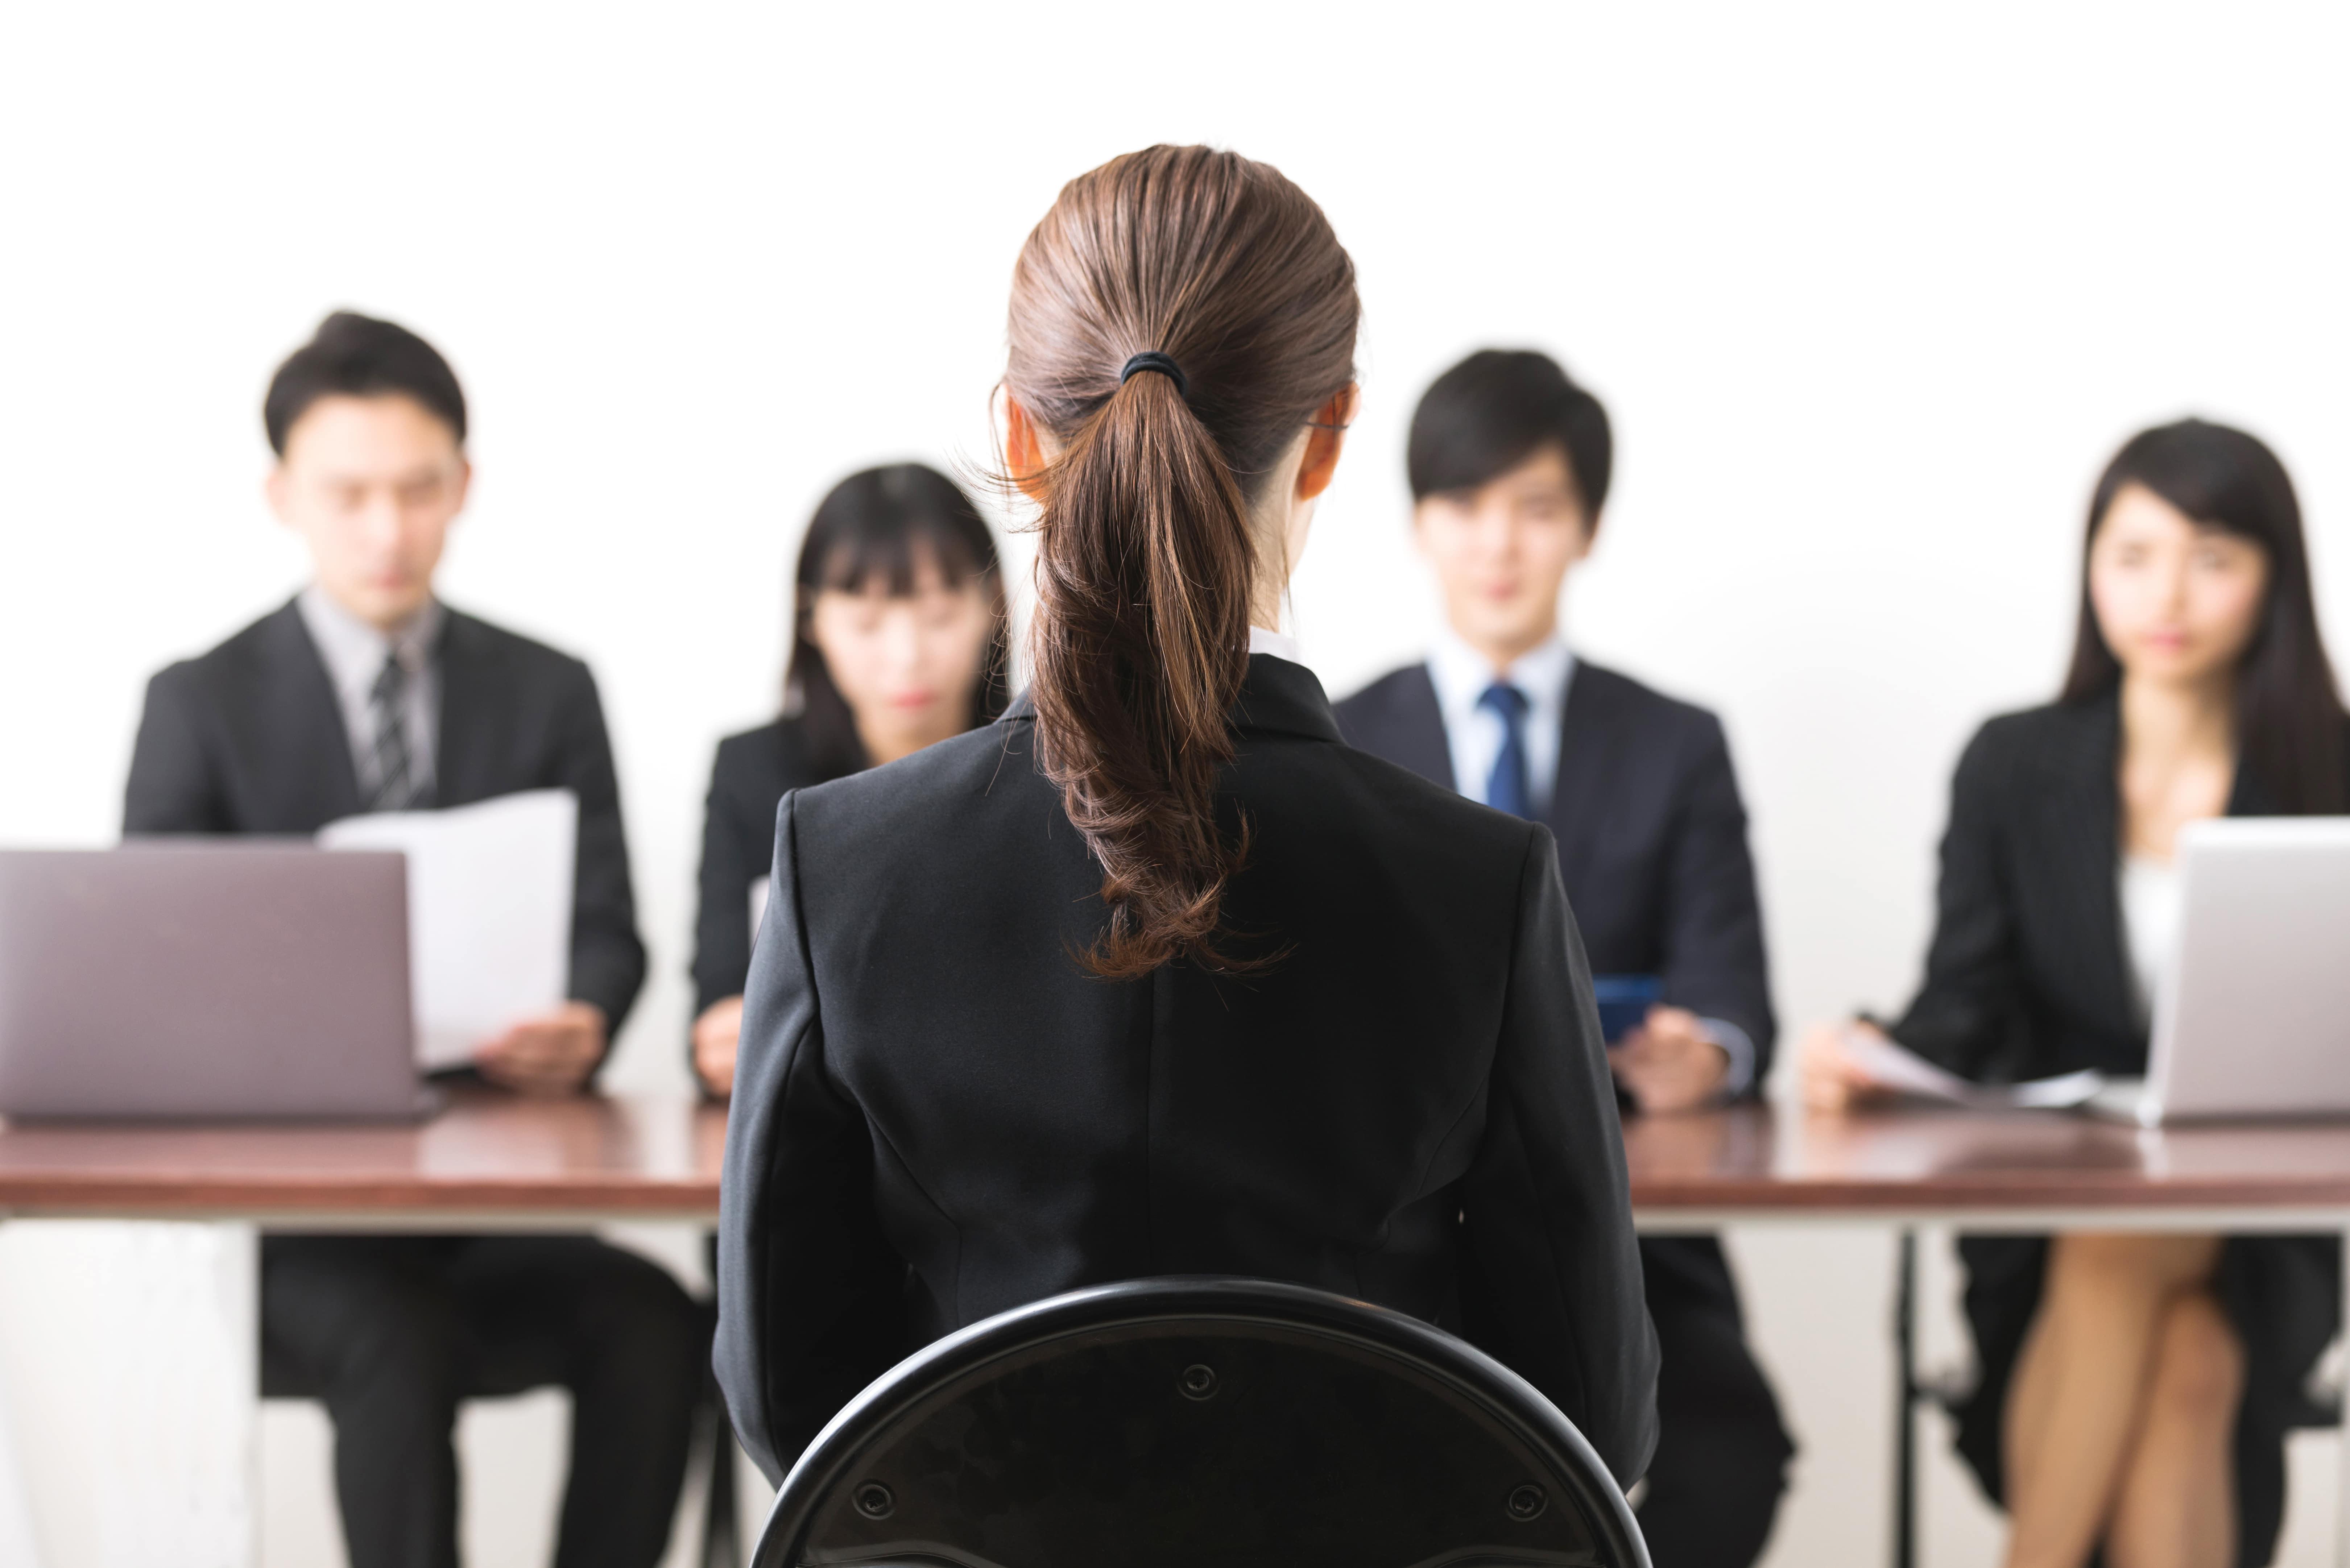 就活の面接対策は何をしたらいいの?知っておきたい10のことを徹底解説